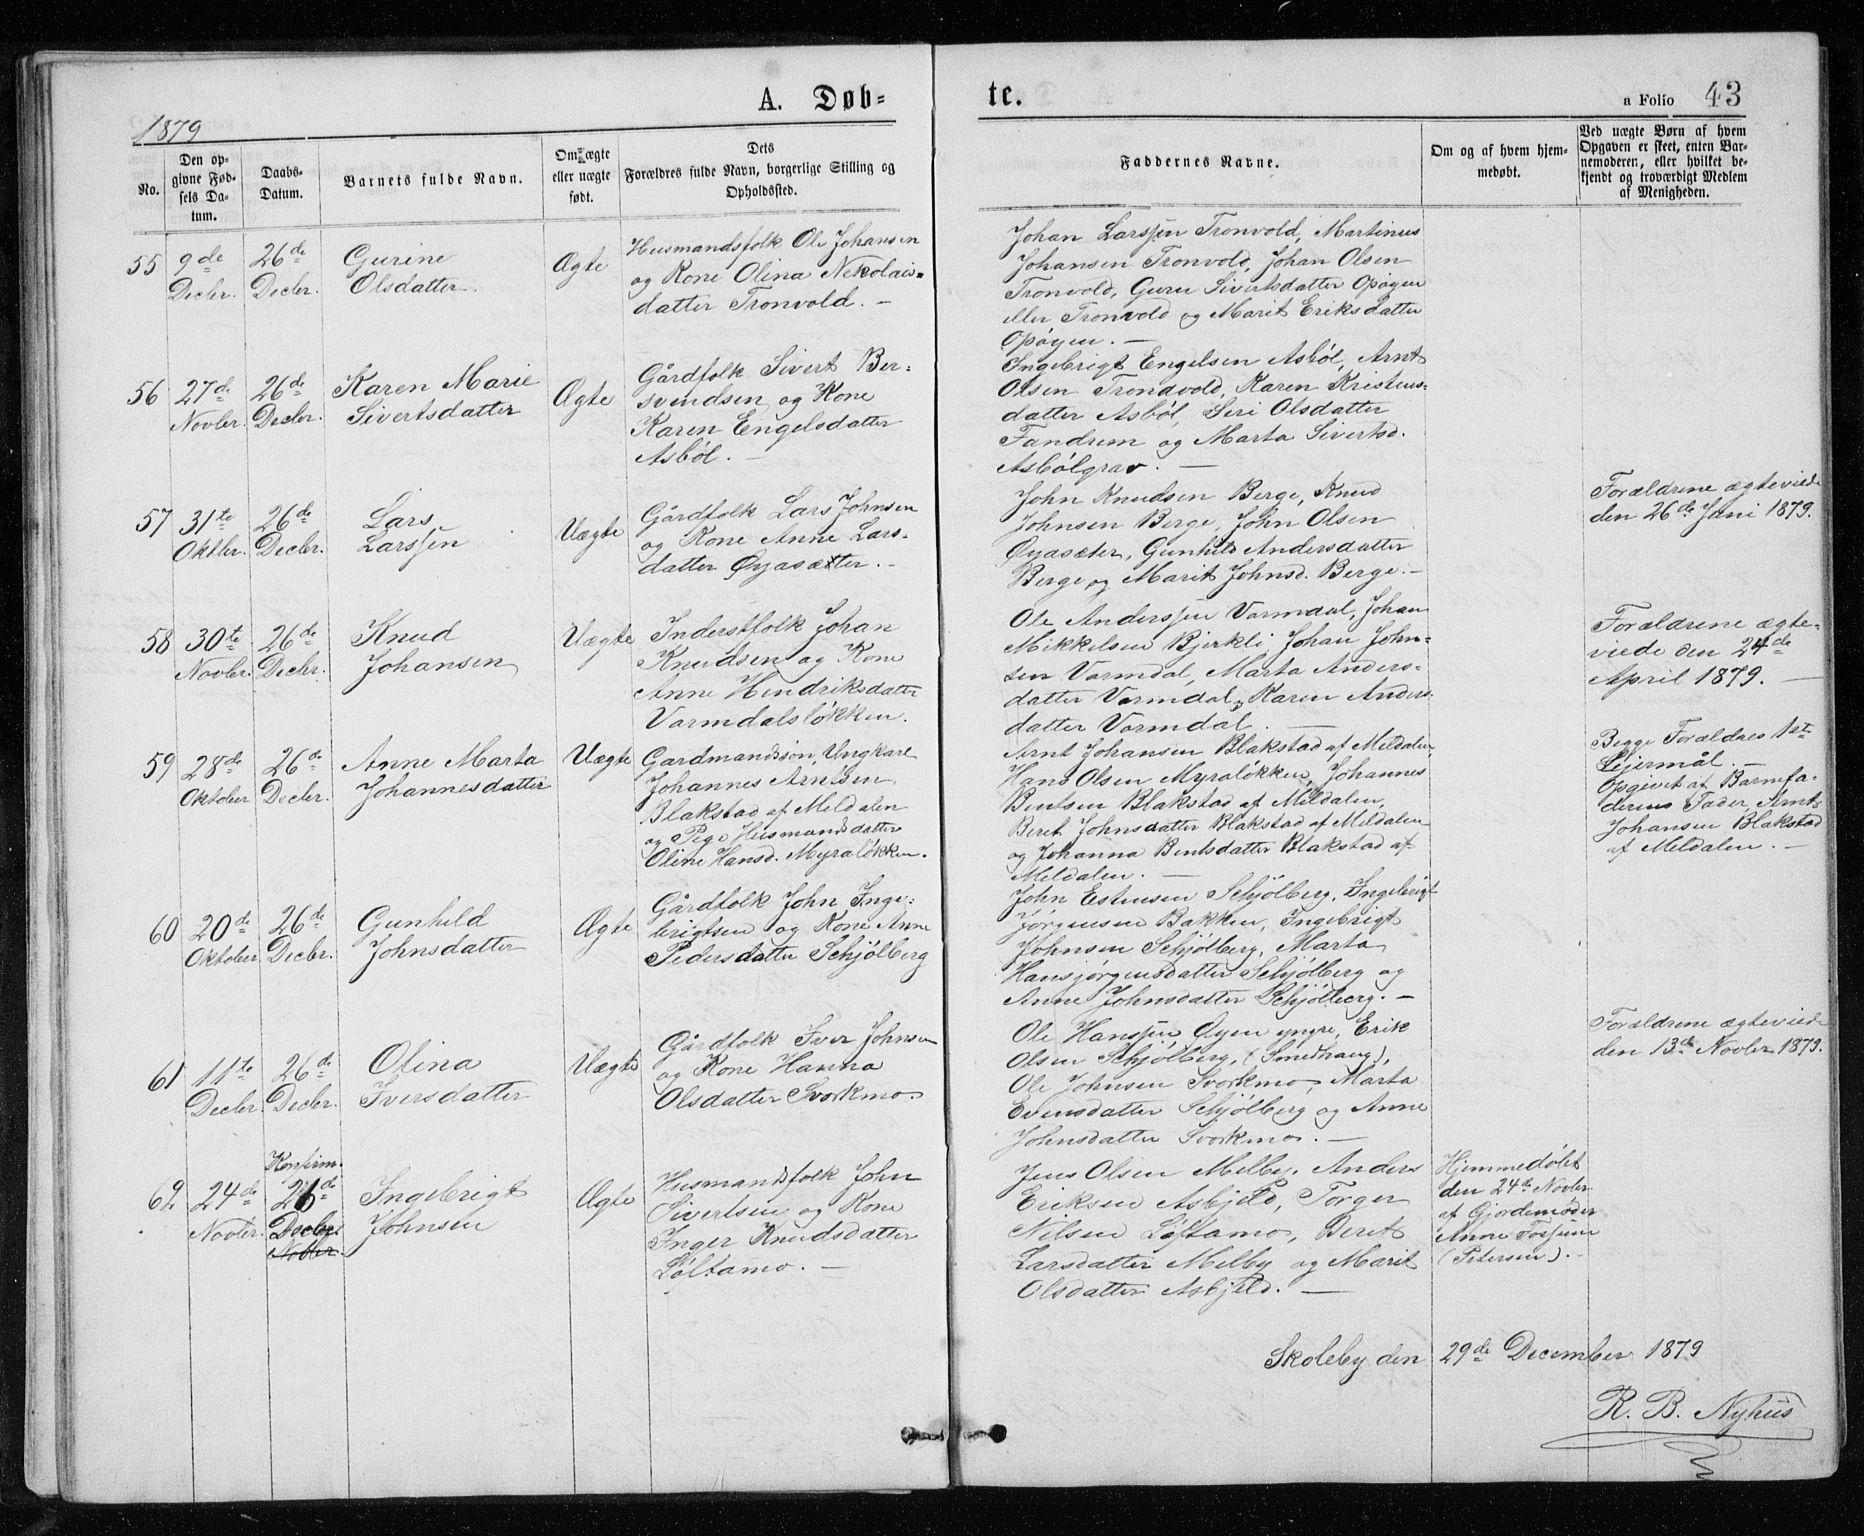 SAT, Ministerialprotokoller, klokkerbøker og fødselsregistre - Sør-Trøndelag, 671/L0843: Klokkerbok nr. 671C02, 1873-1892, s. 43